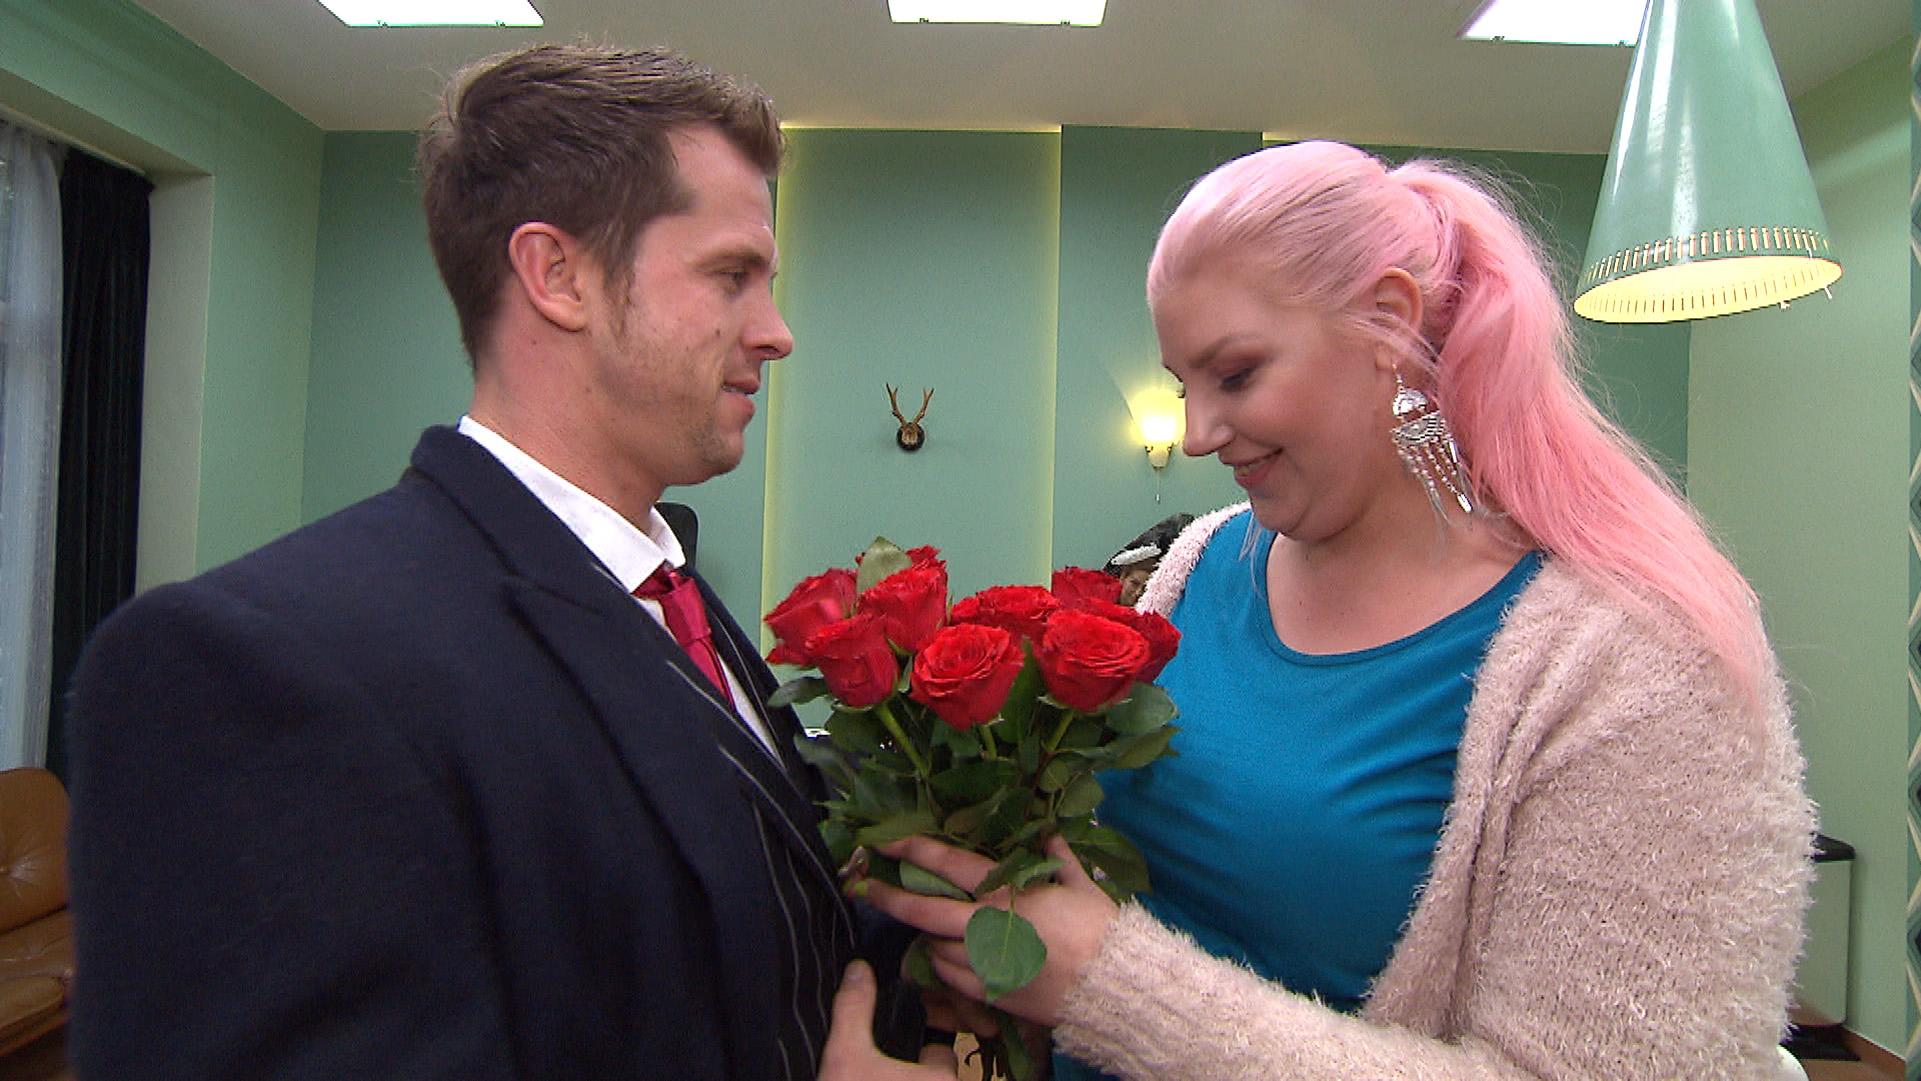 Basti stellt spntan ein romantisches Date mit Paula auf die Beine.. (Quelle: RTL 2)